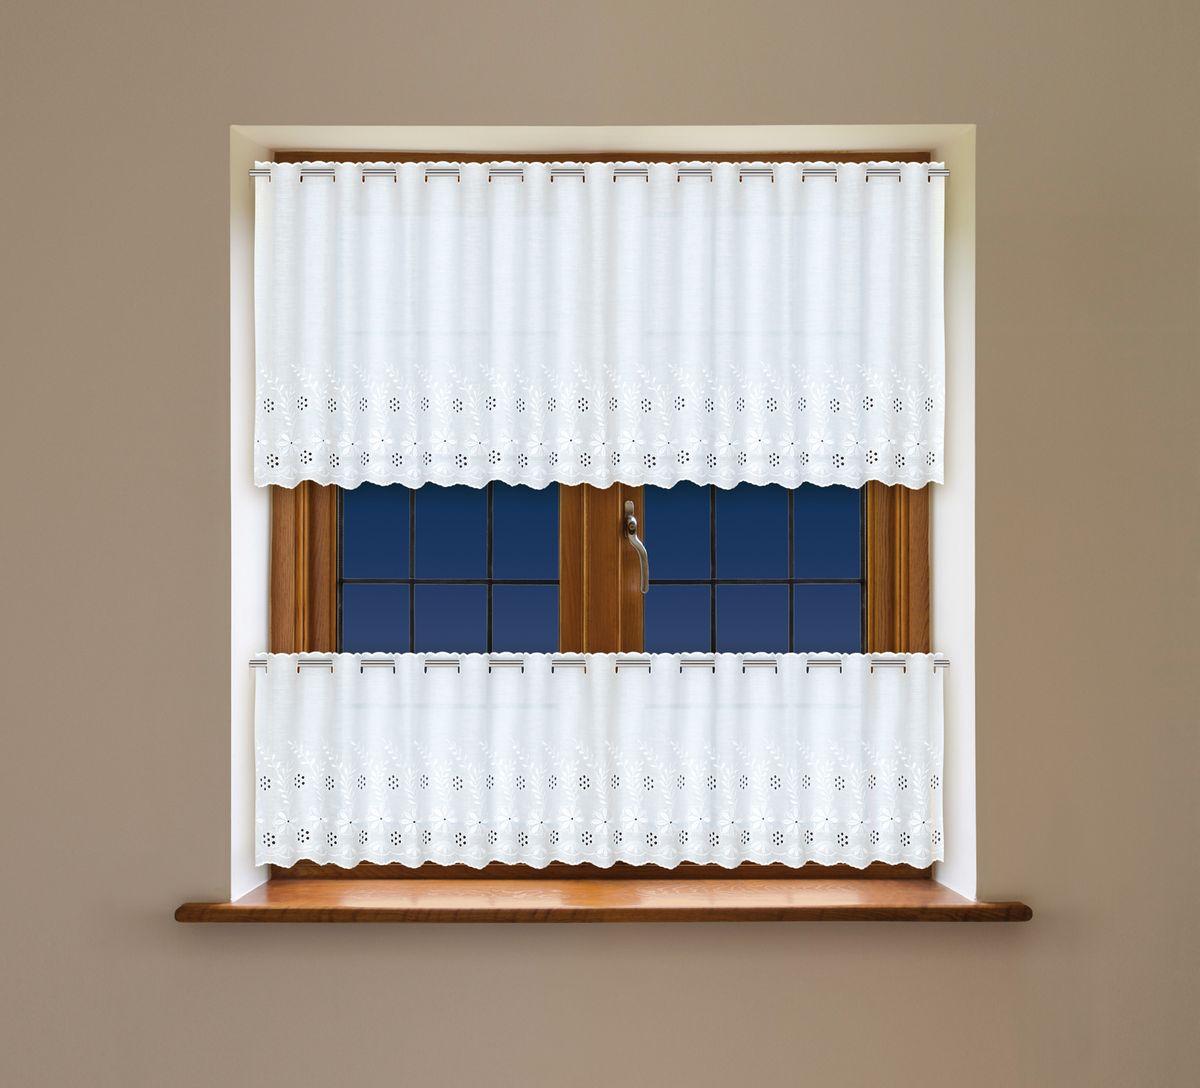 Комплект гардин Haft, на ленте, цвет: белый, 2 шт. 203390203390Комплект штор для кухни Haft великолепно украсит любое окно. Комплект состоит из двух гардин, выполненных из полиэстера.Изделие органично впишется в интерьер помещения.Комплект крепится на карниз при помощи ленты, которая поможет красиво иравномерно задрапировать верх.